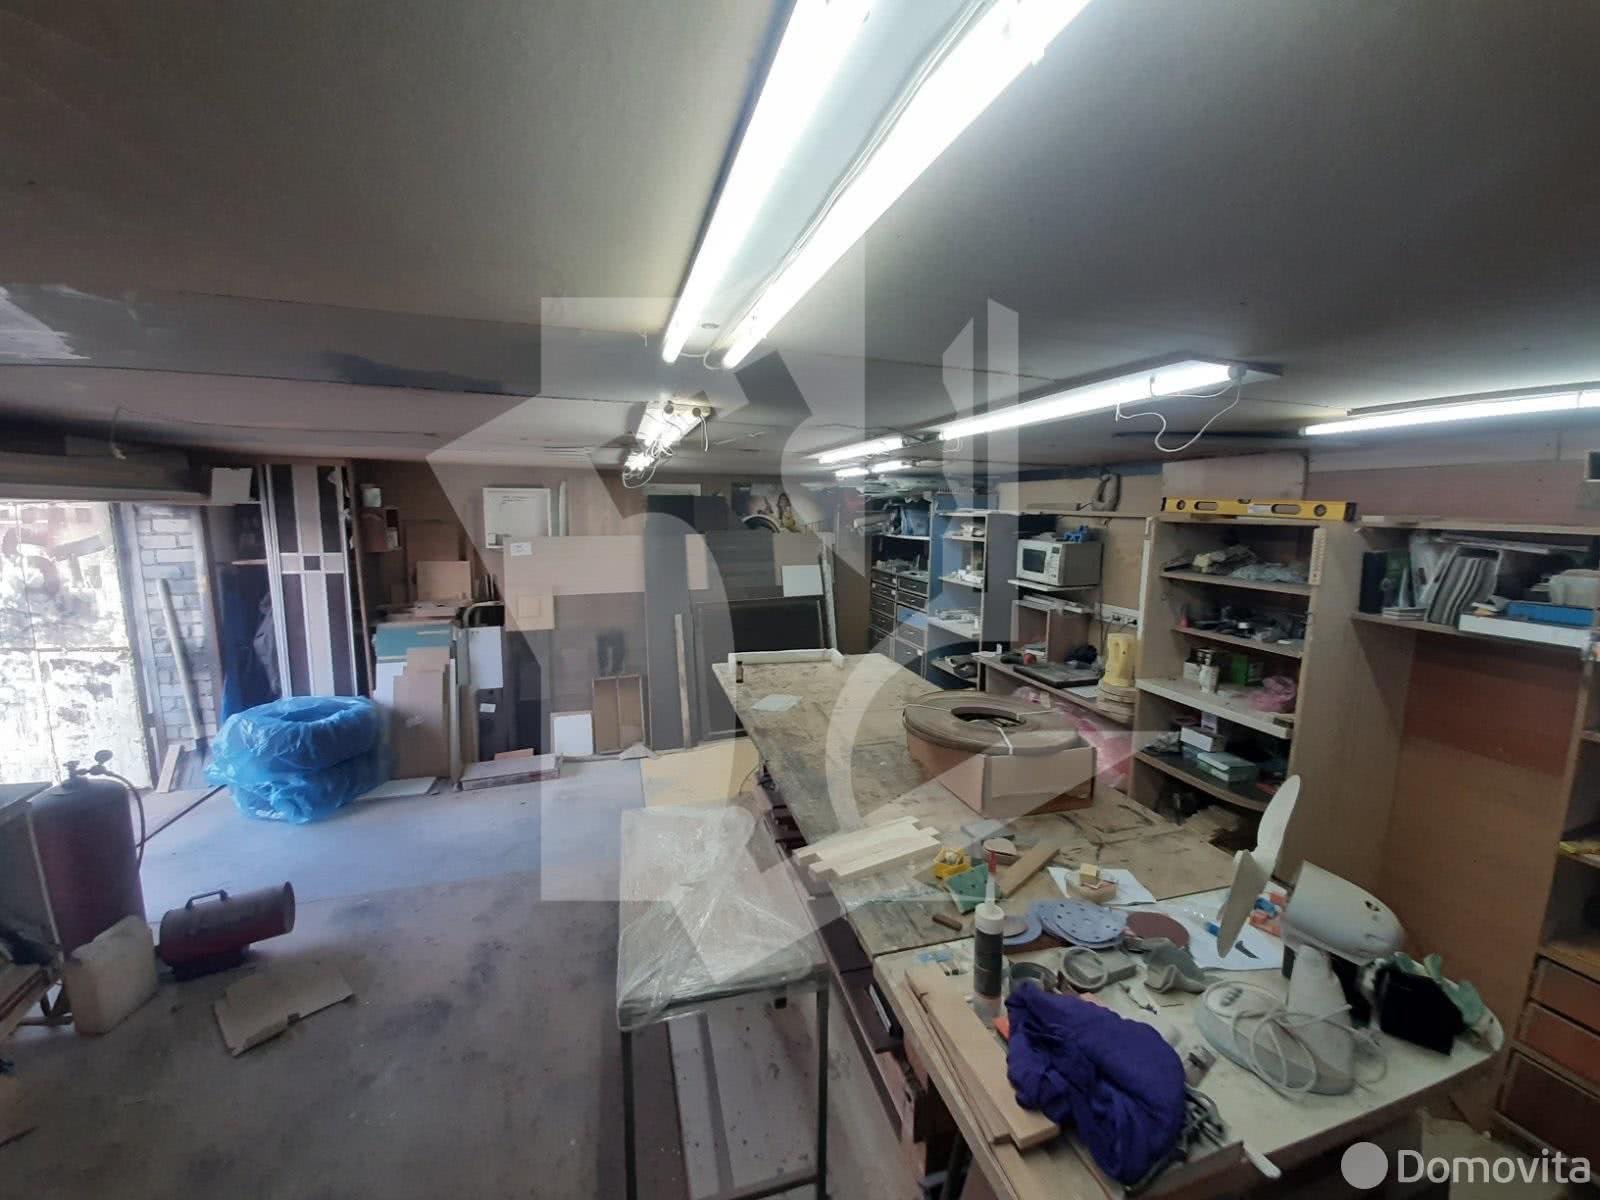 Купить складское помещение на пр-д Масюковщина, д. 8 в Минске - фото 6